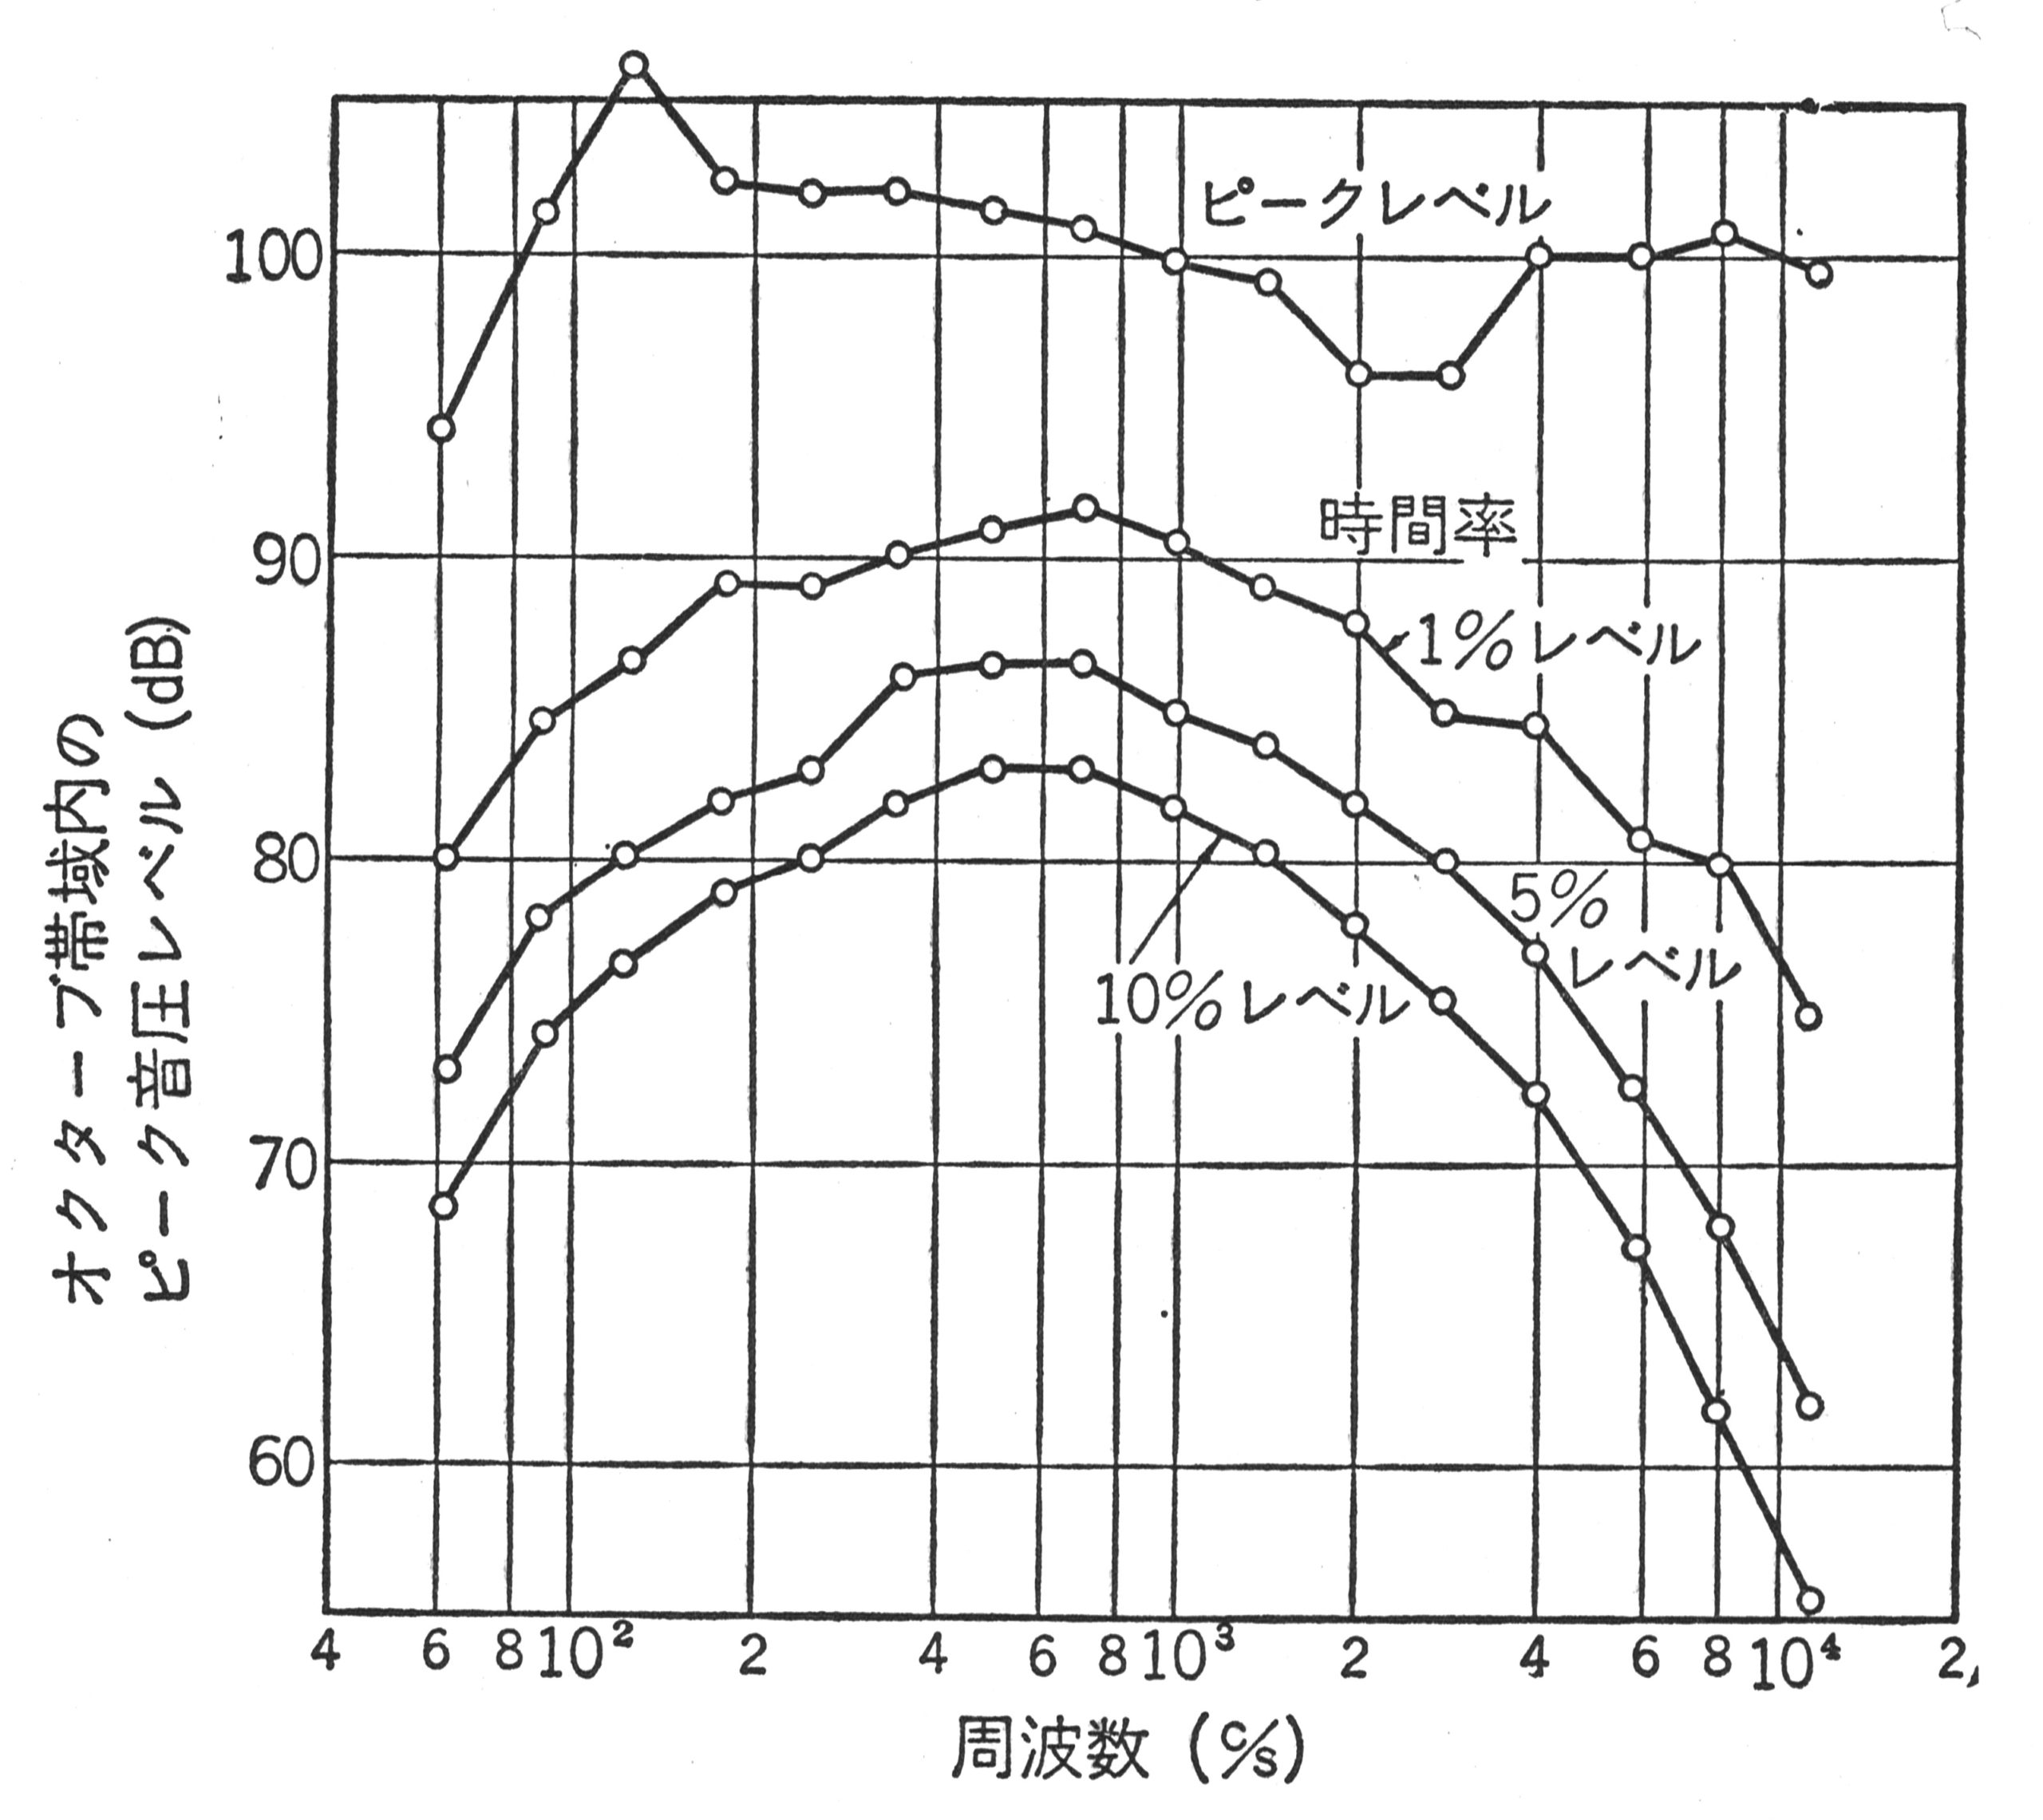 オーケストラのピーク音圧レベルを周波数分析した結果